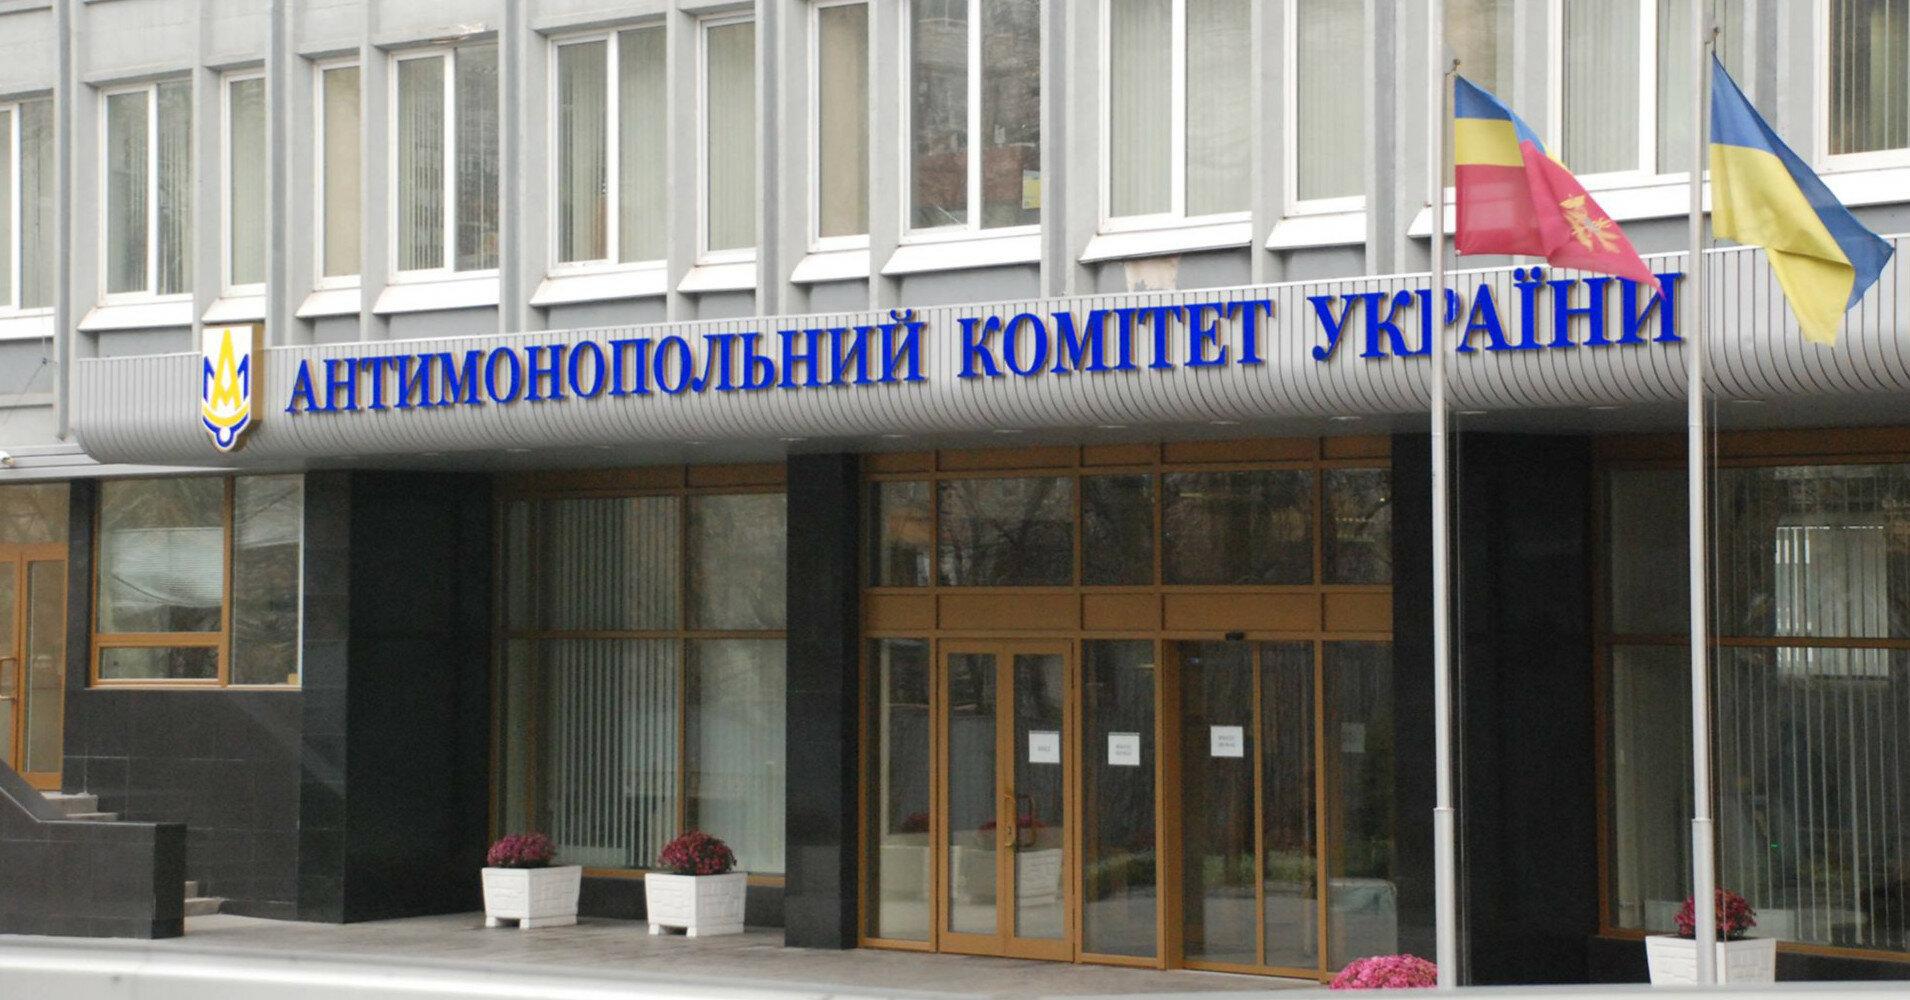 ПриватБанк, Укрзализныця и Центрэнерго: 19 компаний получили штрафы от АМКУ